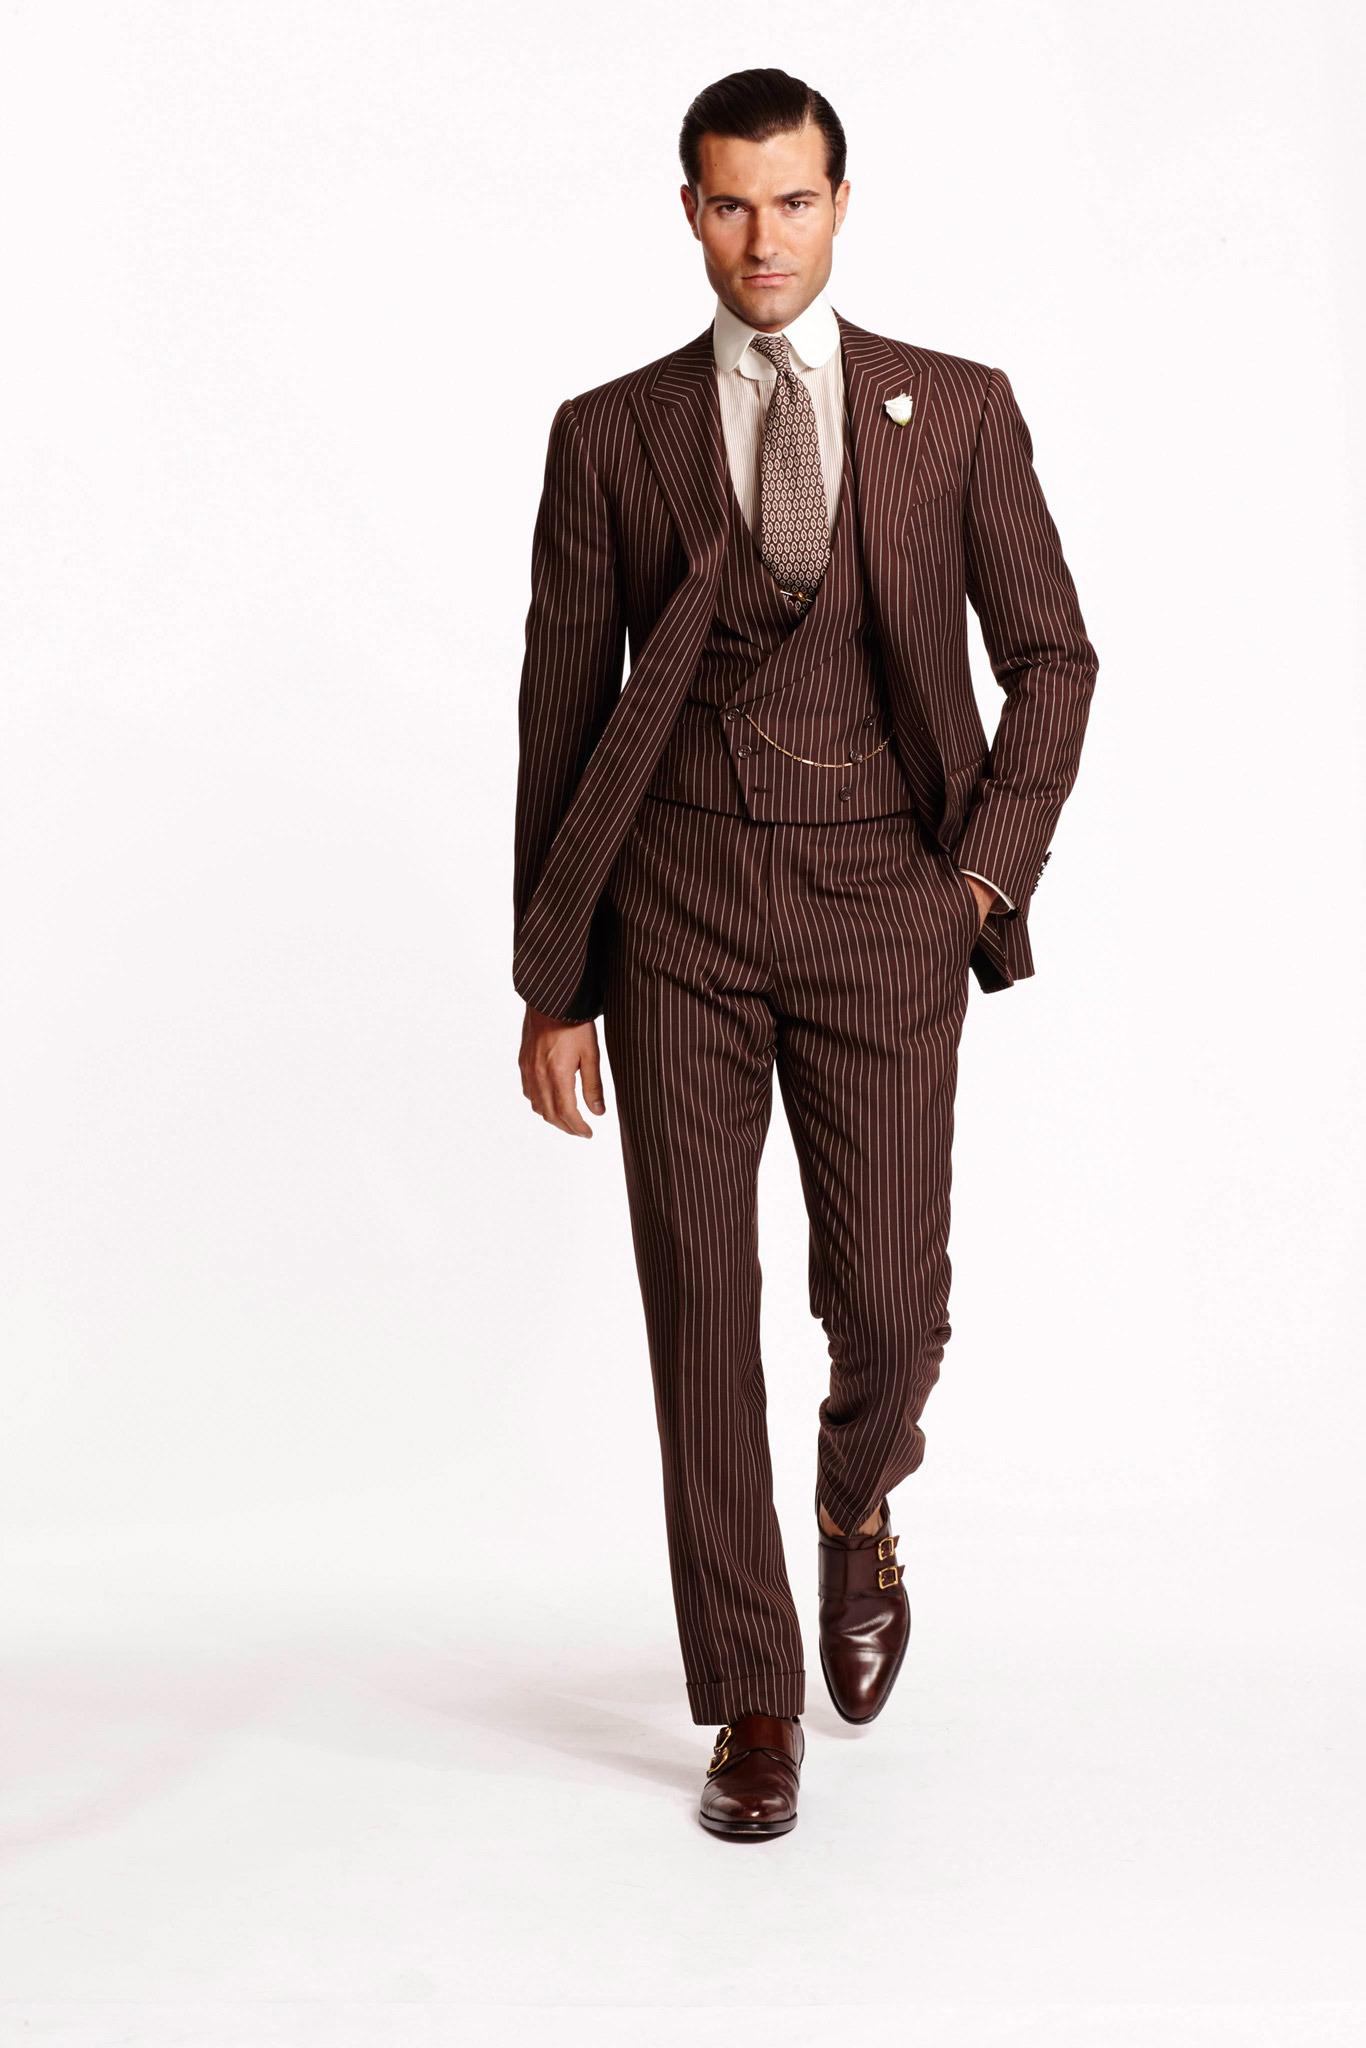 formal wear for men ralph lauren collection 2016. Black Bedroom Furniture Sets. Home Design Ideas